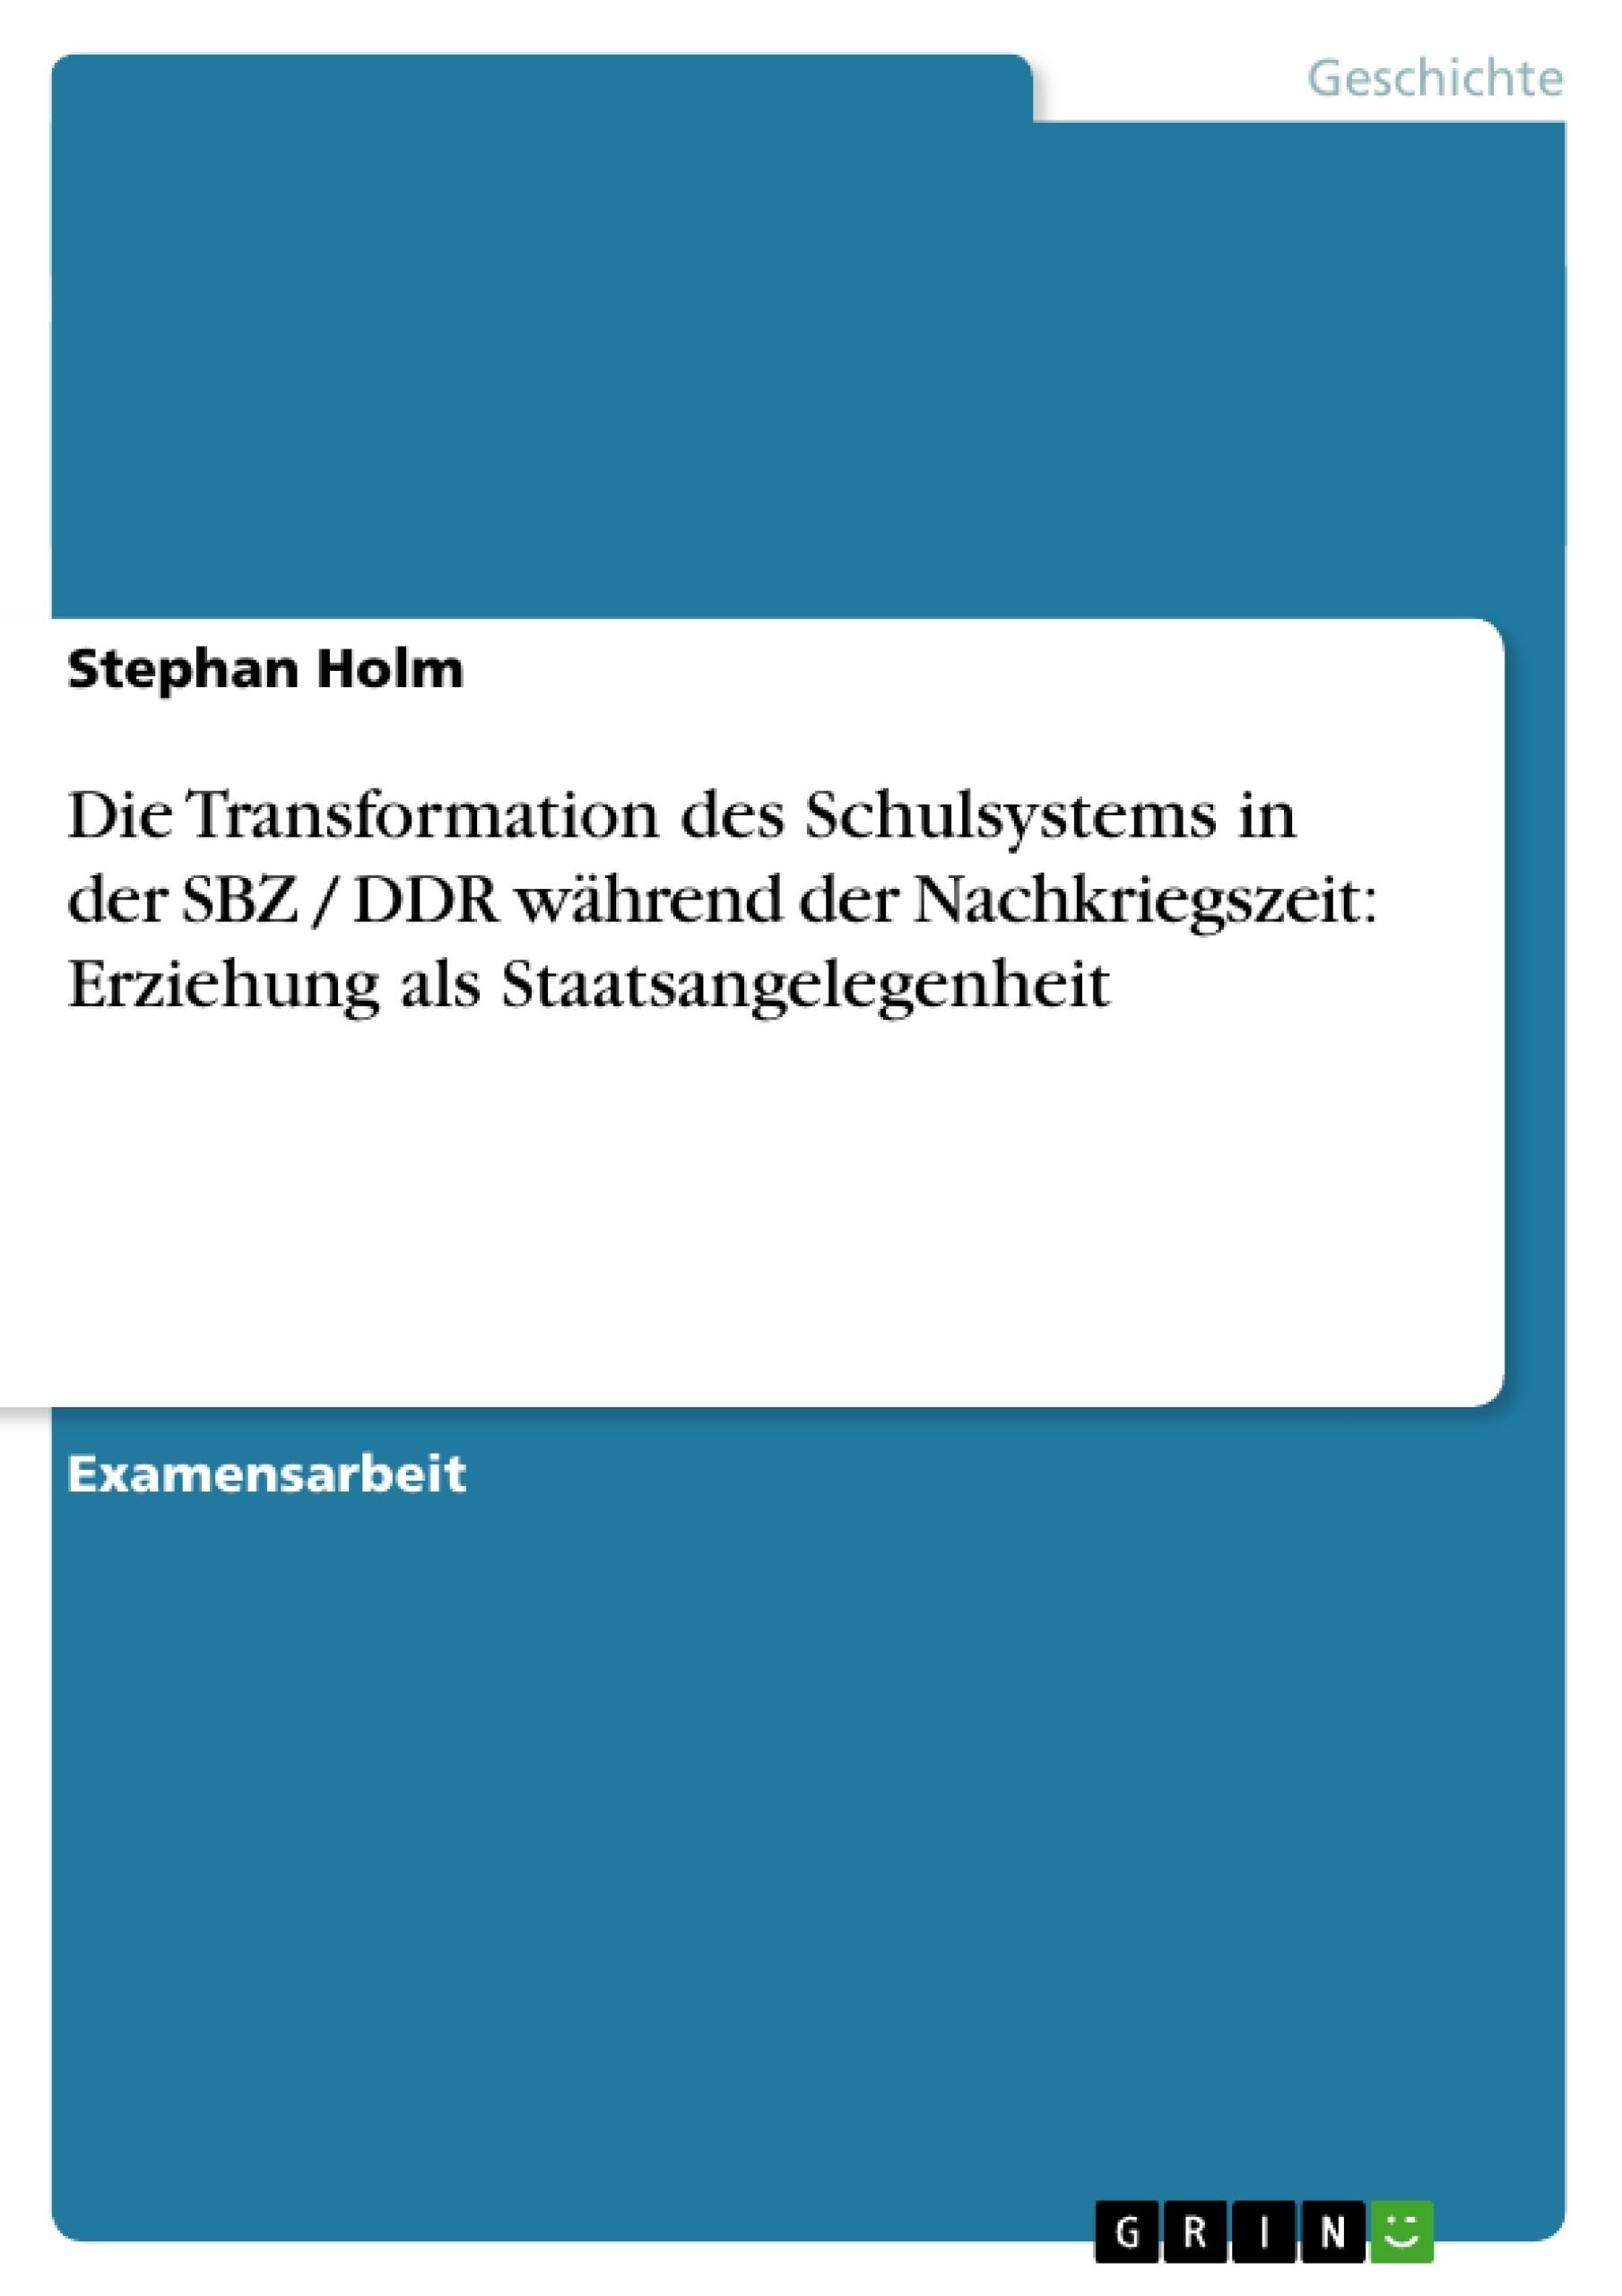 Titel: Die Transformation des Schulsystems in der SBZ / DDR während der Nachkriegszeit: Erziehung als Staatsangelegenheit